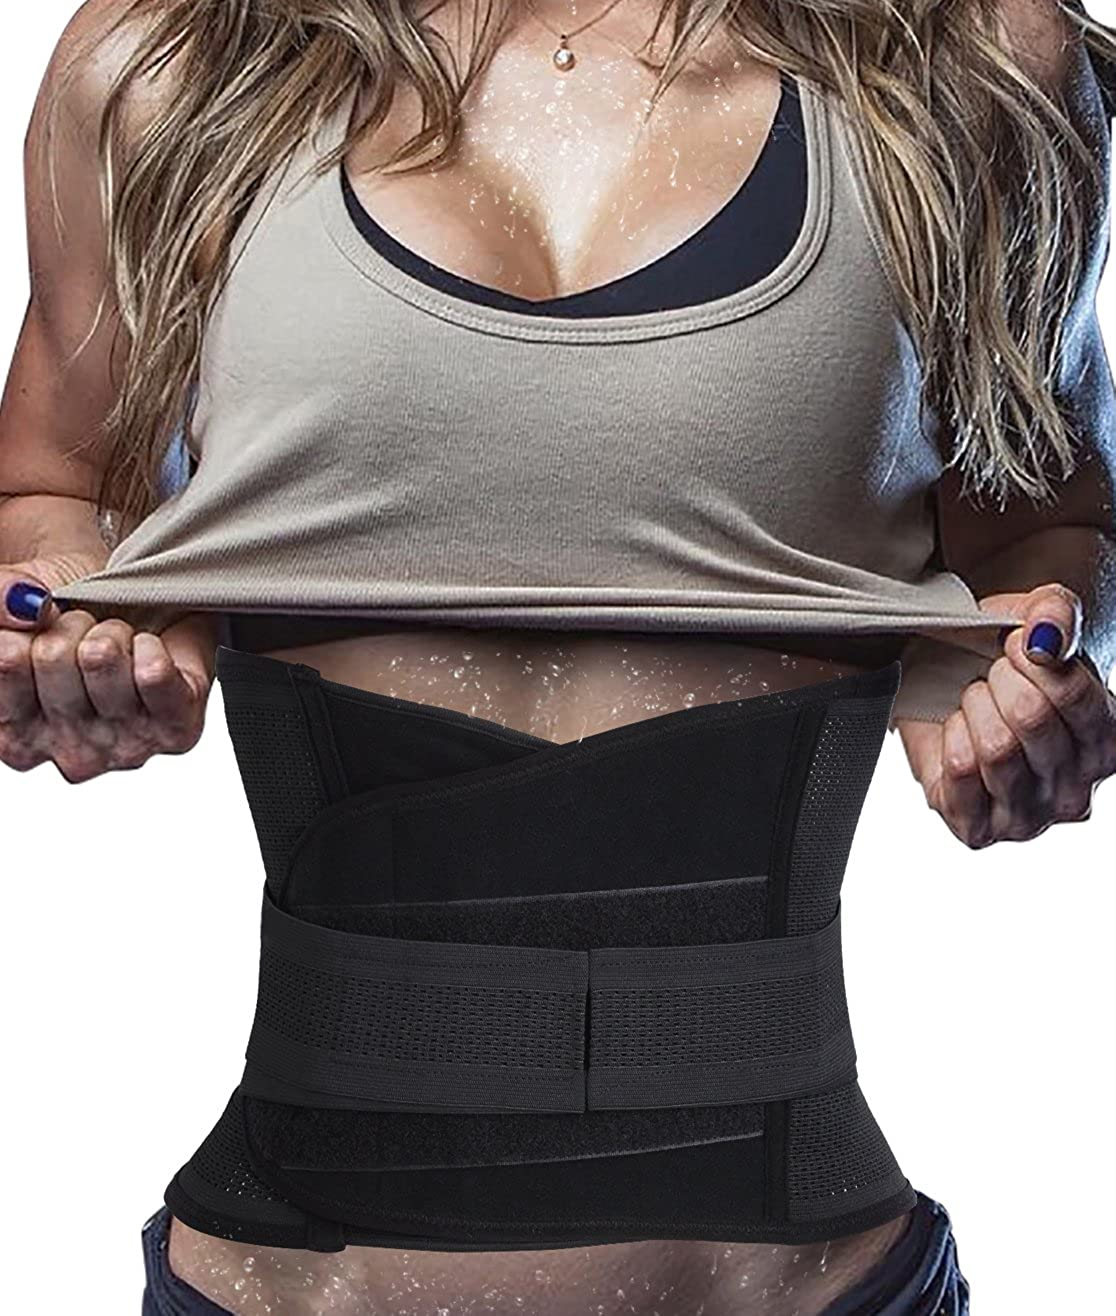 Ursexyly Waist Sauna Trimmer Belt, Hot Abdominal Trainer for Tummy Control Sweat